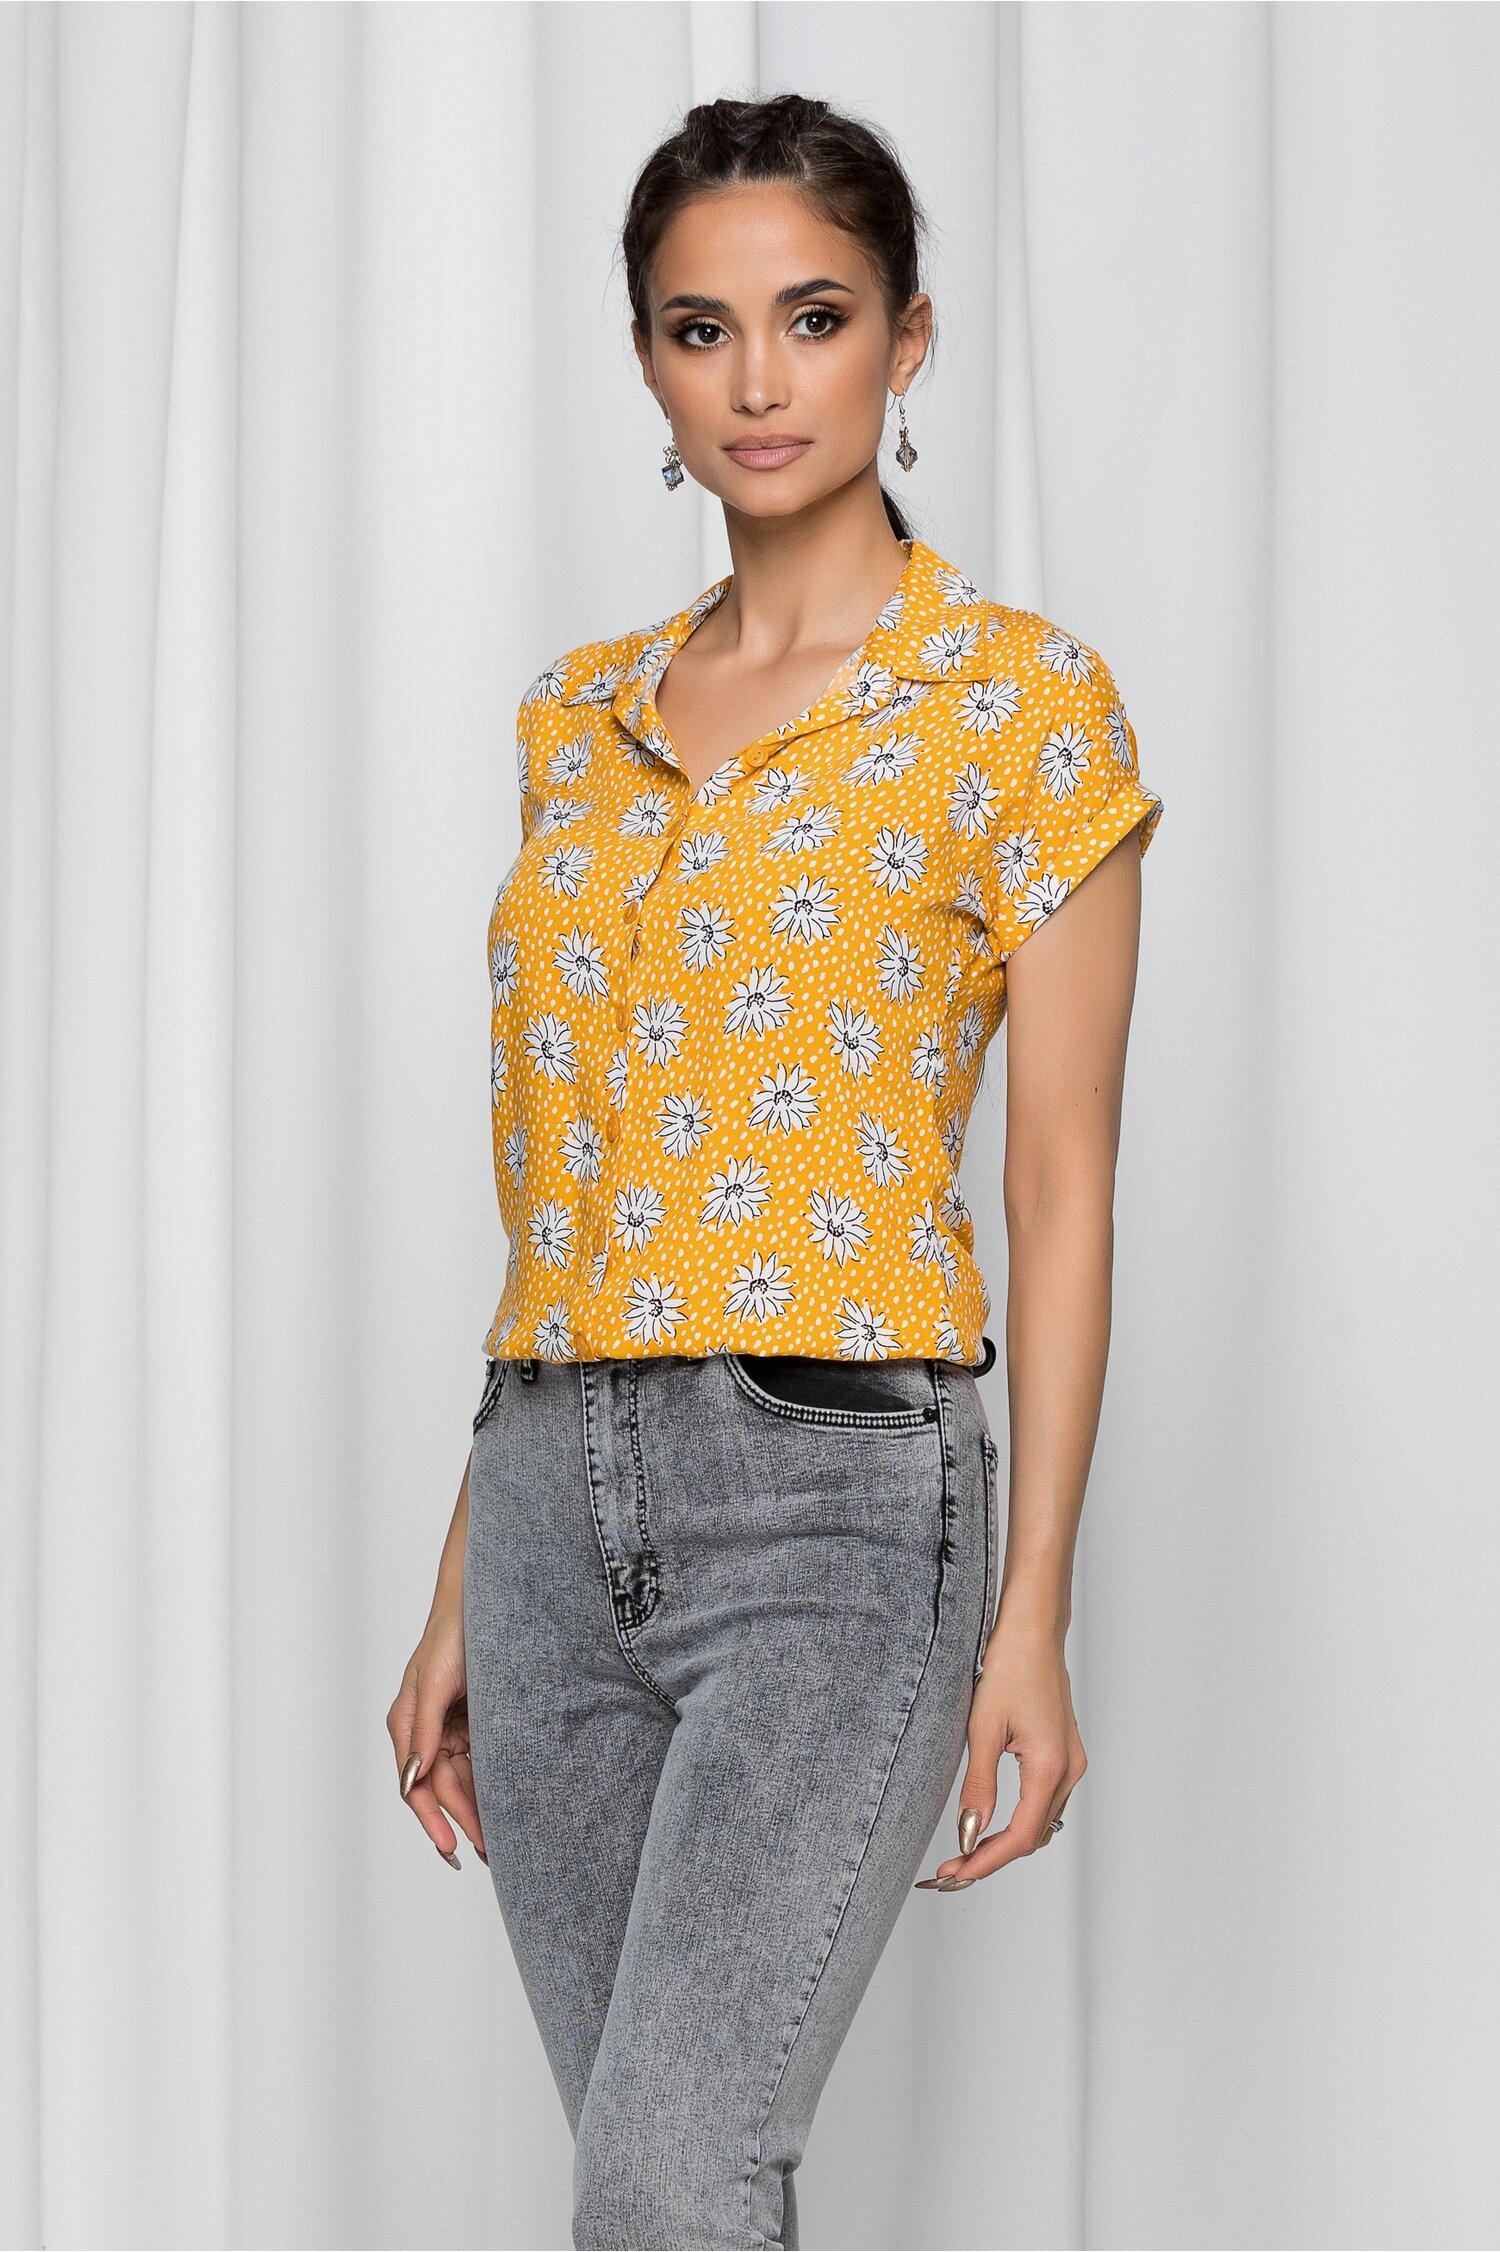 Camasa Iraide galben mustar cu imprimeu floral si elastic la baza